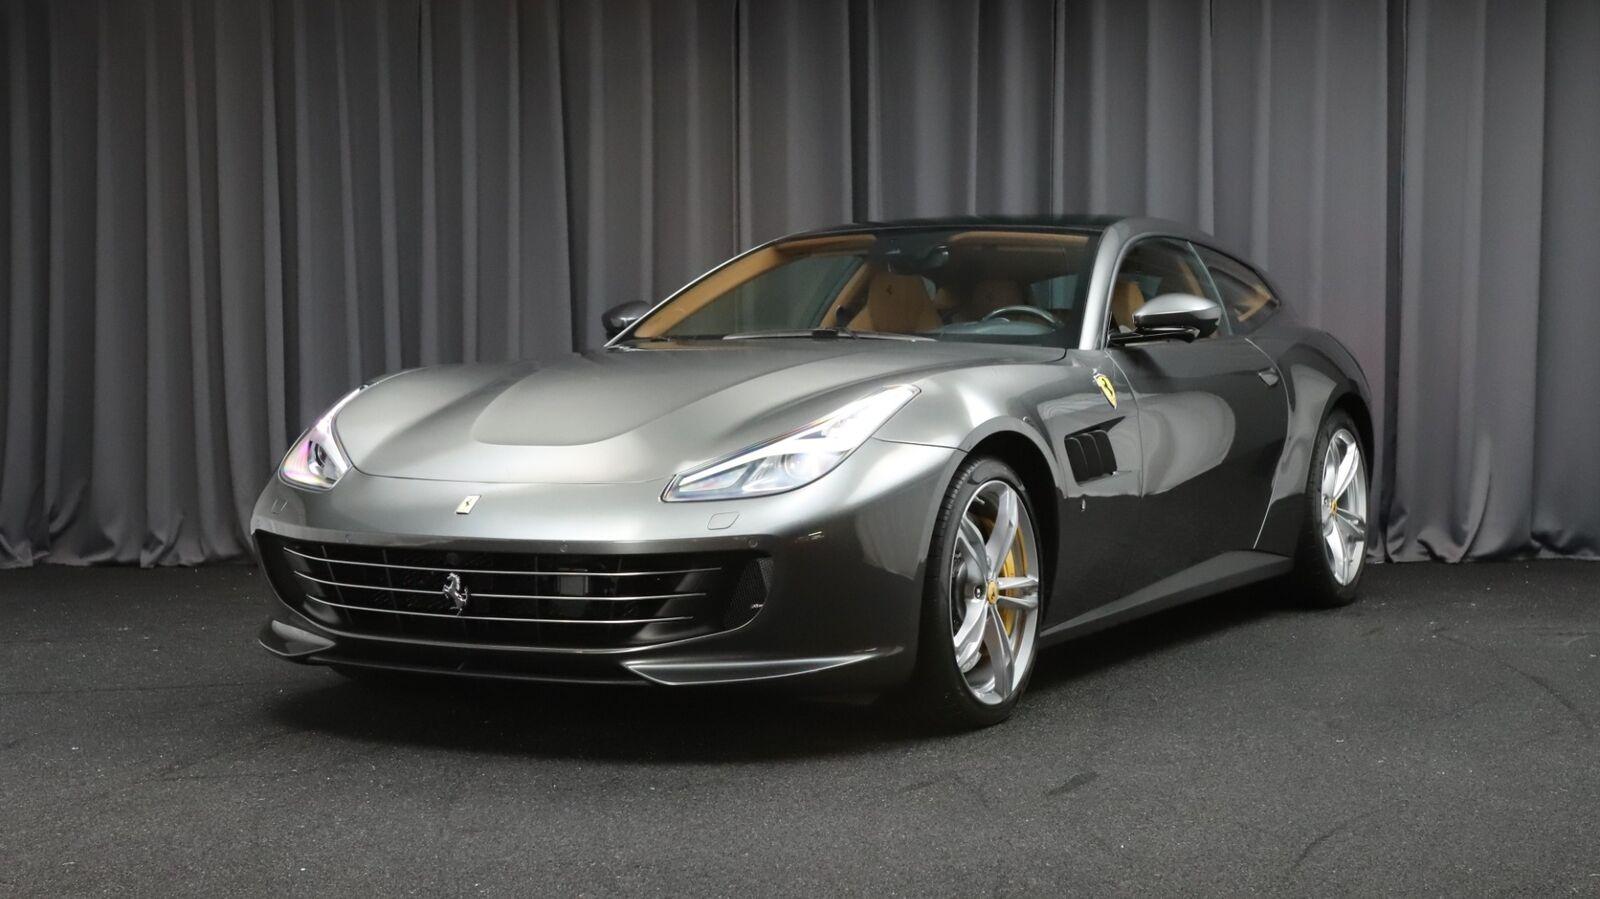 Ferrari GTC4Lusso 6,3 DCT 2d - 2.013.000 kr.